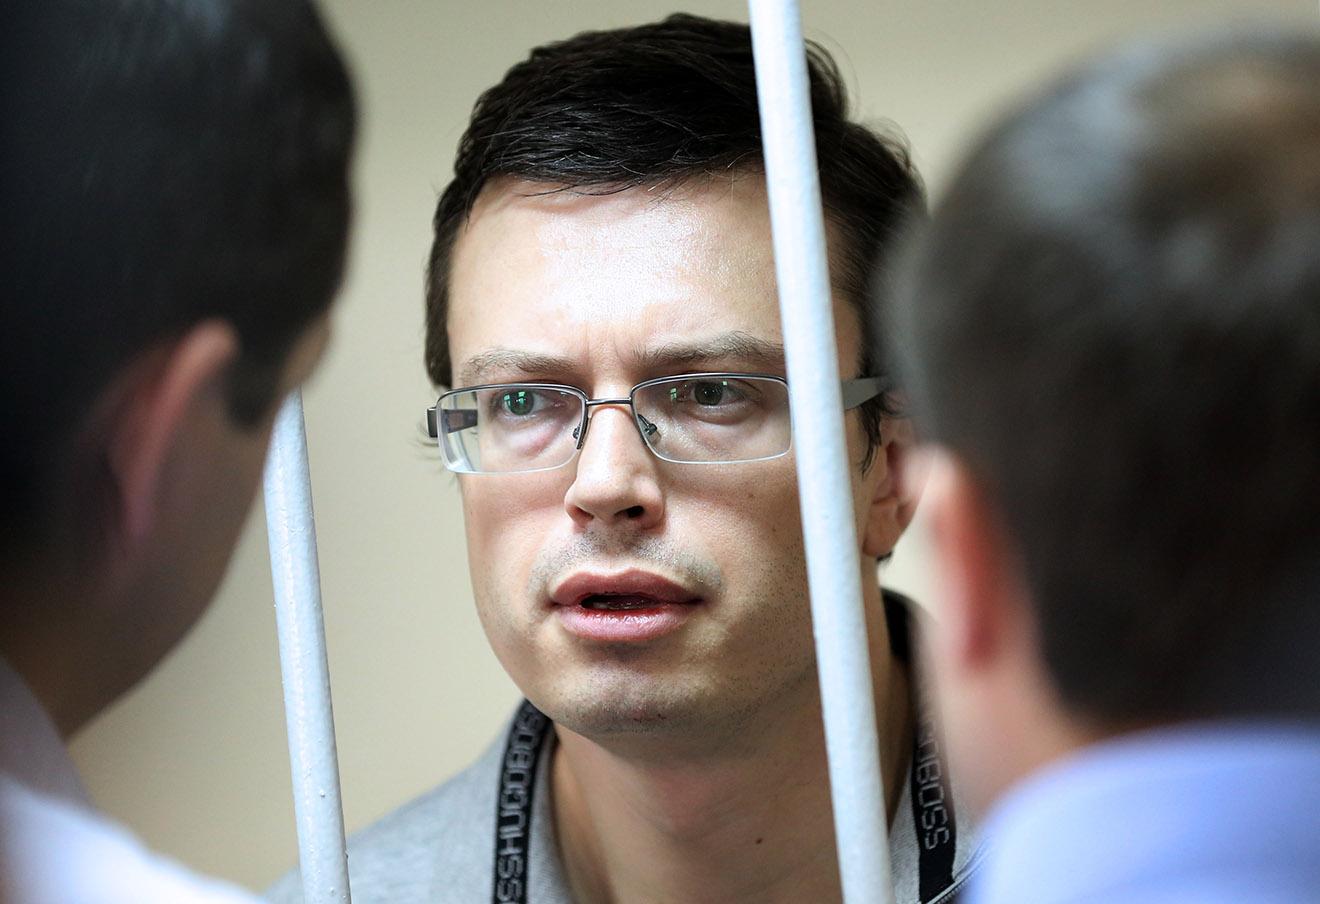 Денис Никандров, 2016 год. Фото: Михаил Почуев / ТАСС